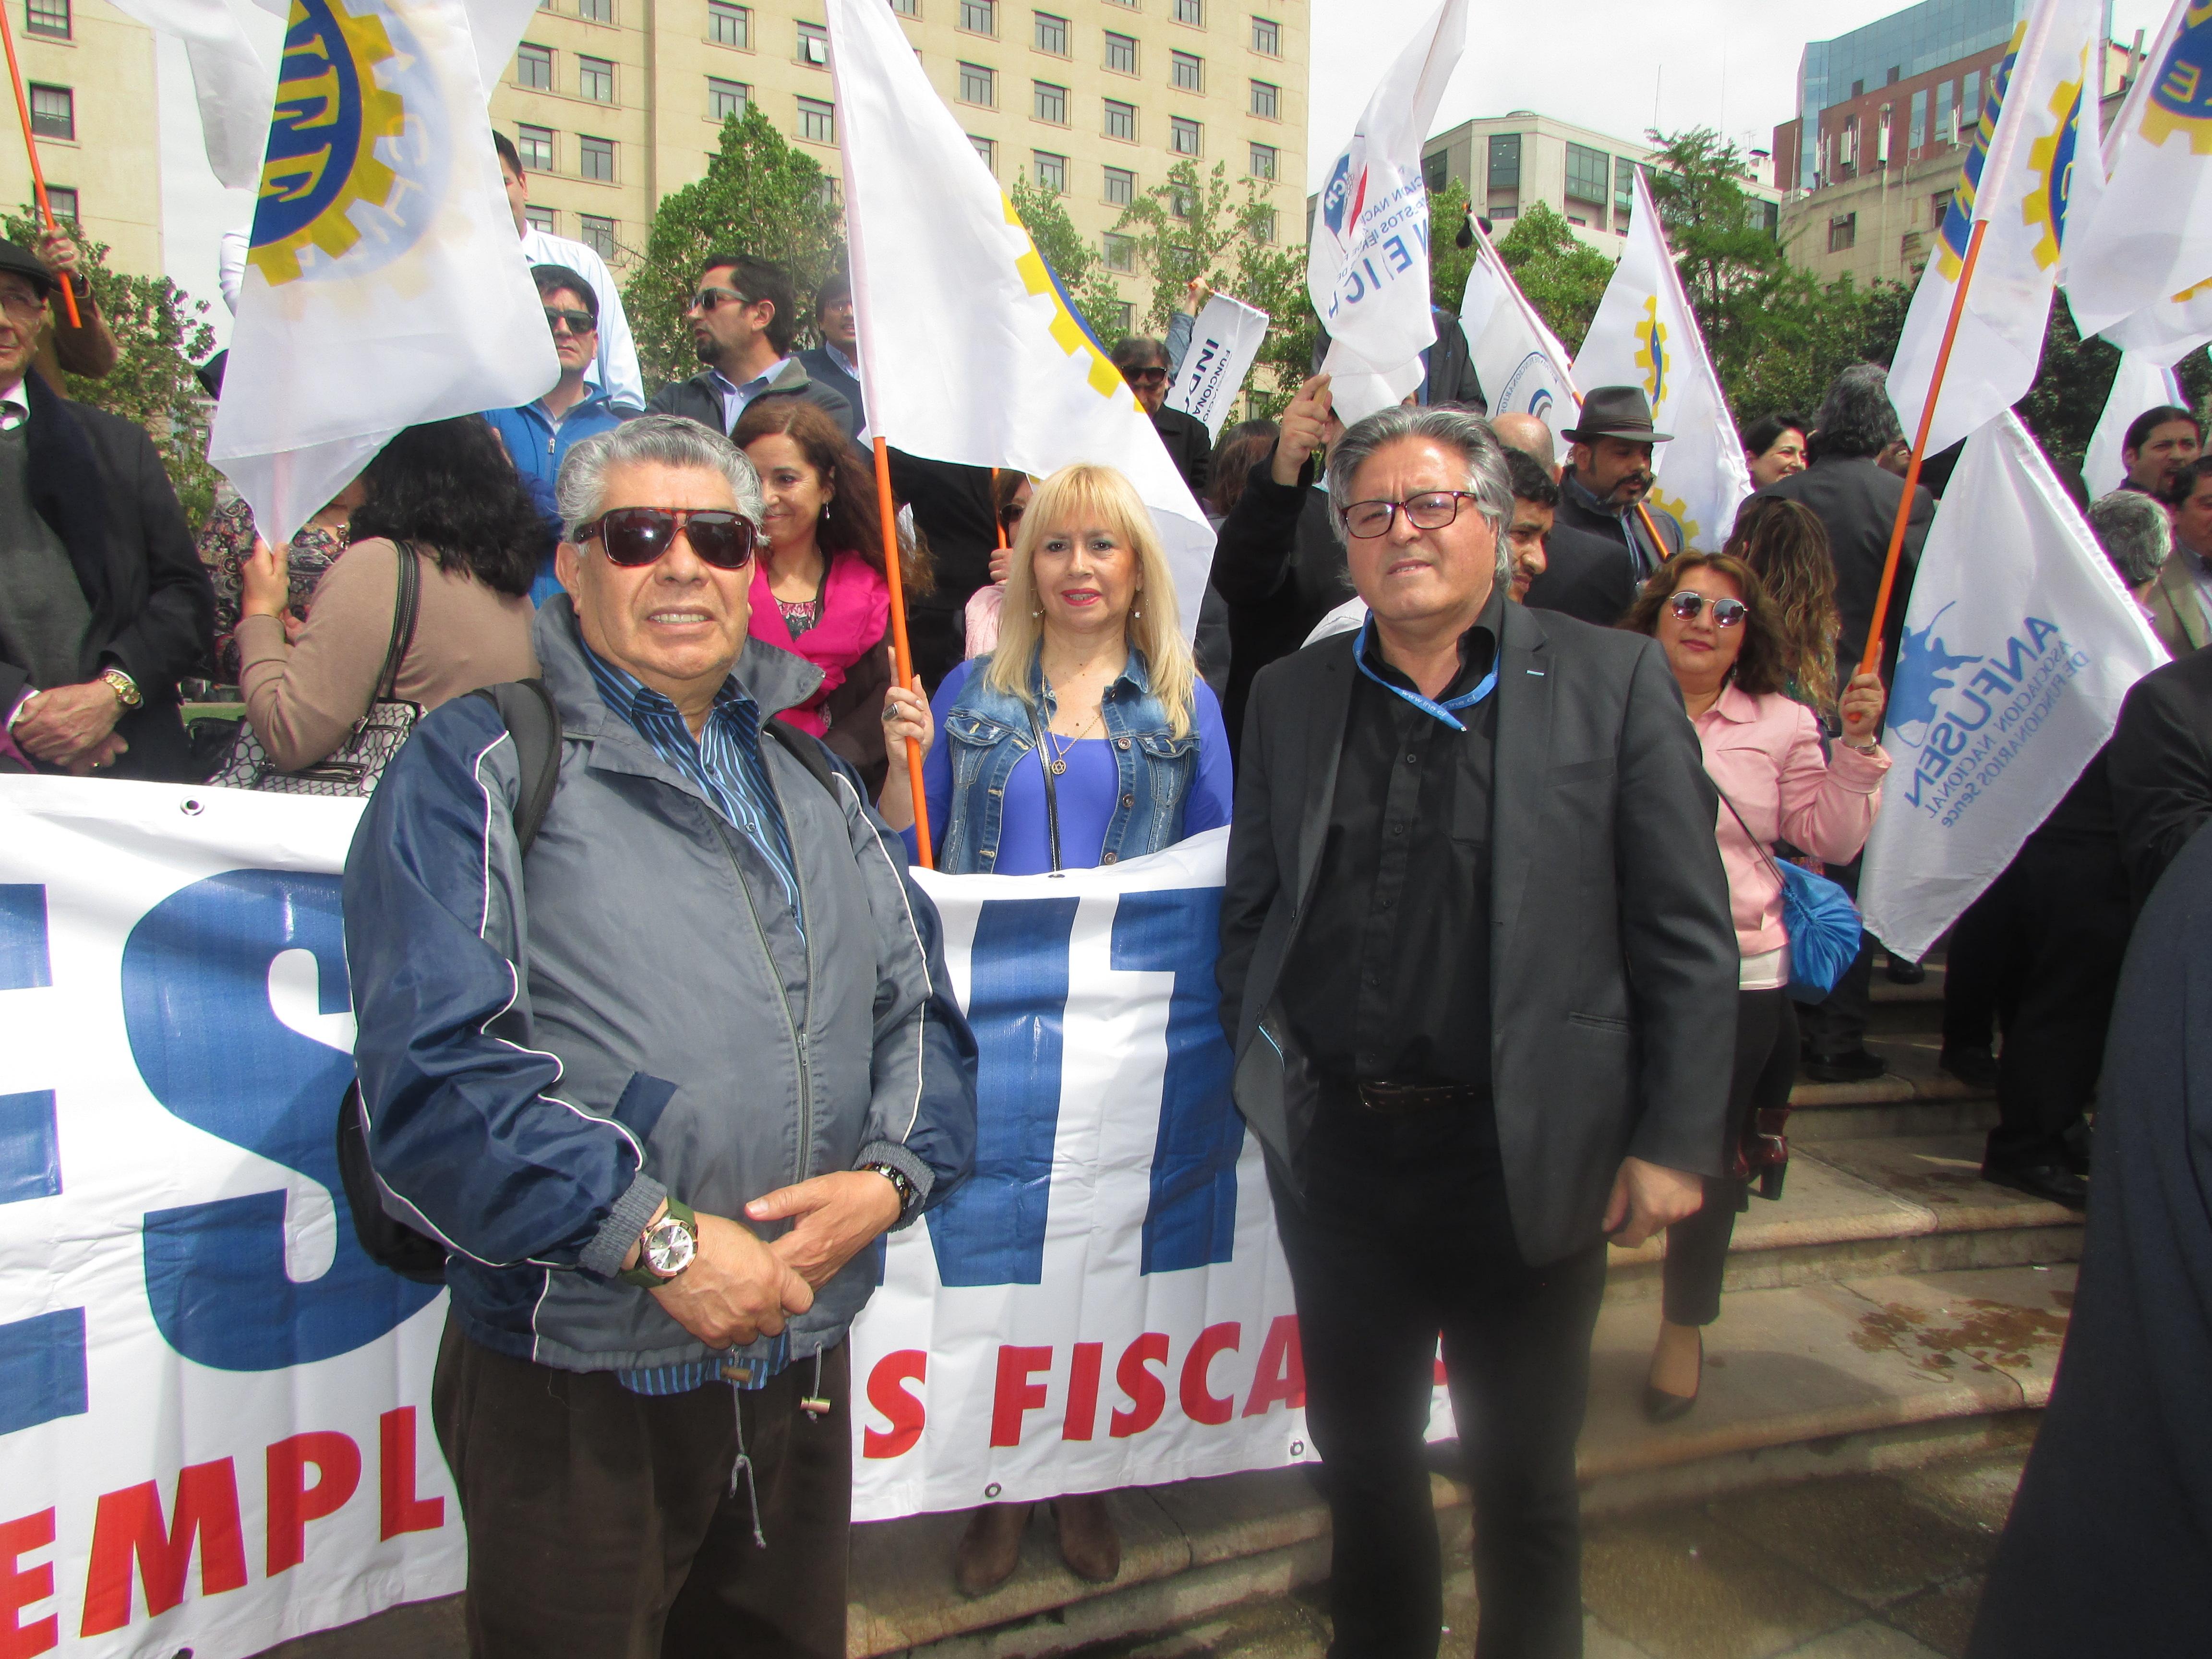 ANFINE presente en Jornada de Protesta y Movilización por demandas MSP-CUT – 17 Octubre 2017